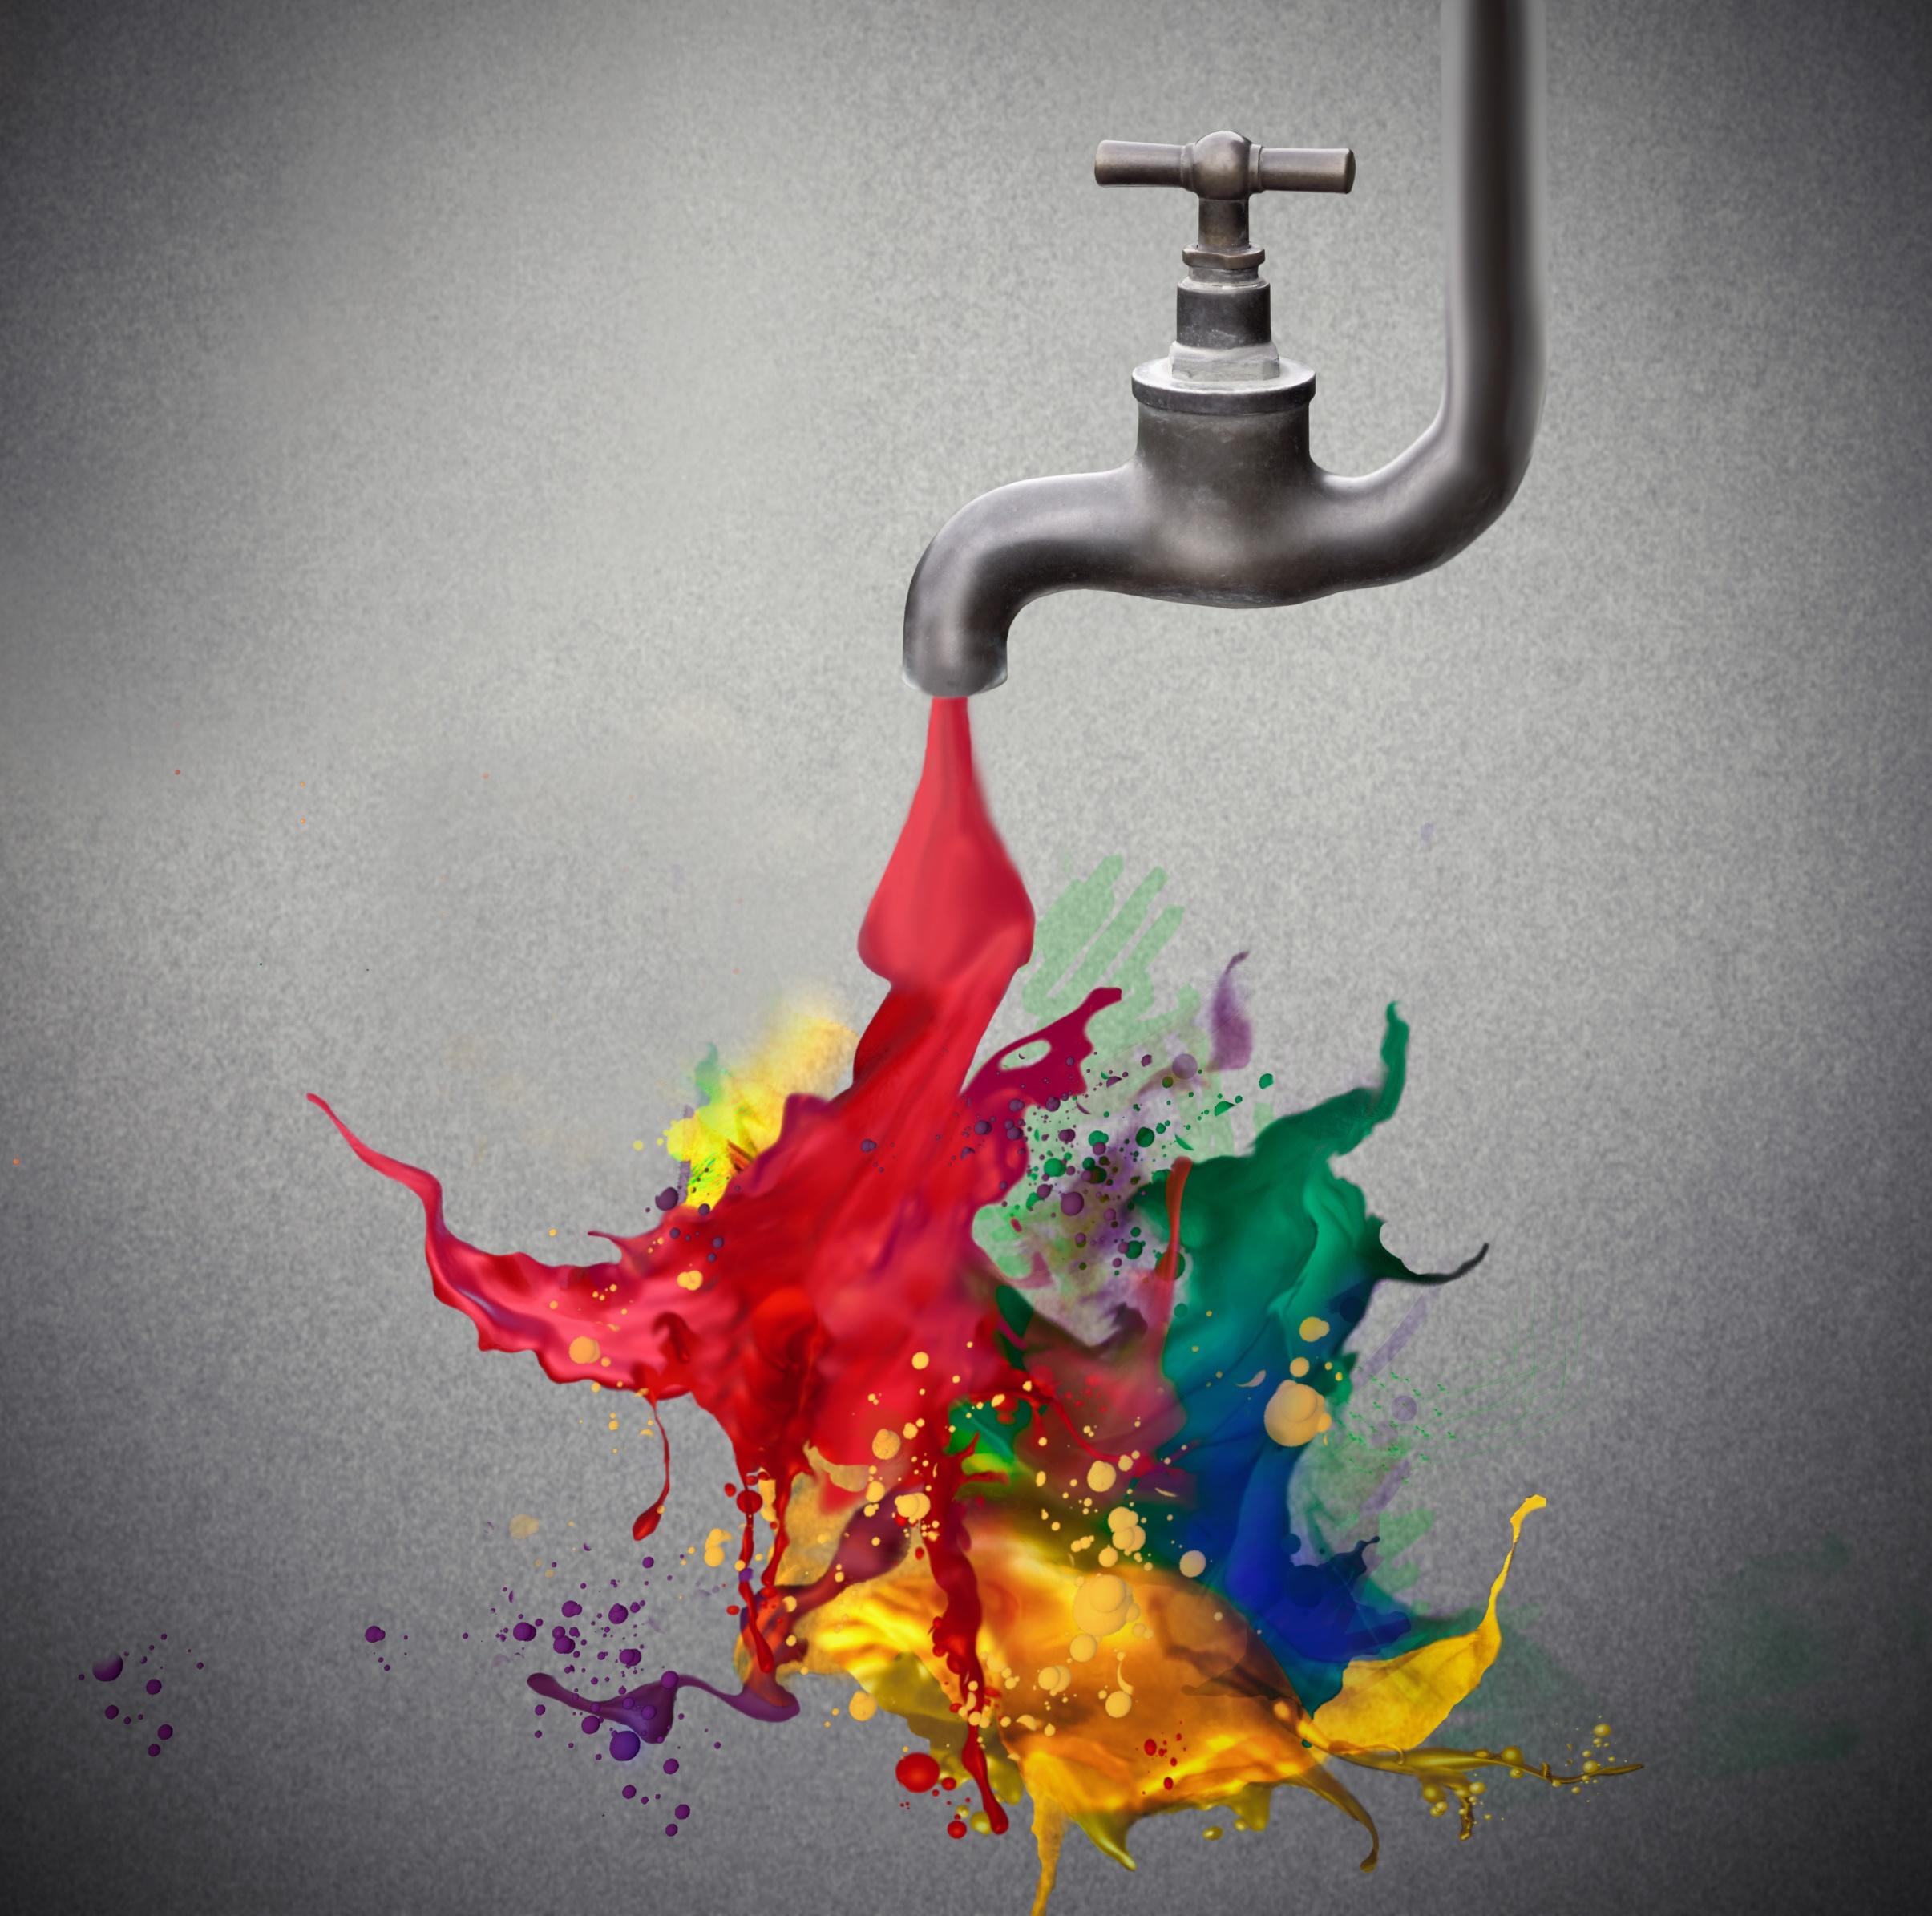 faucet_pouring_paint.jpg